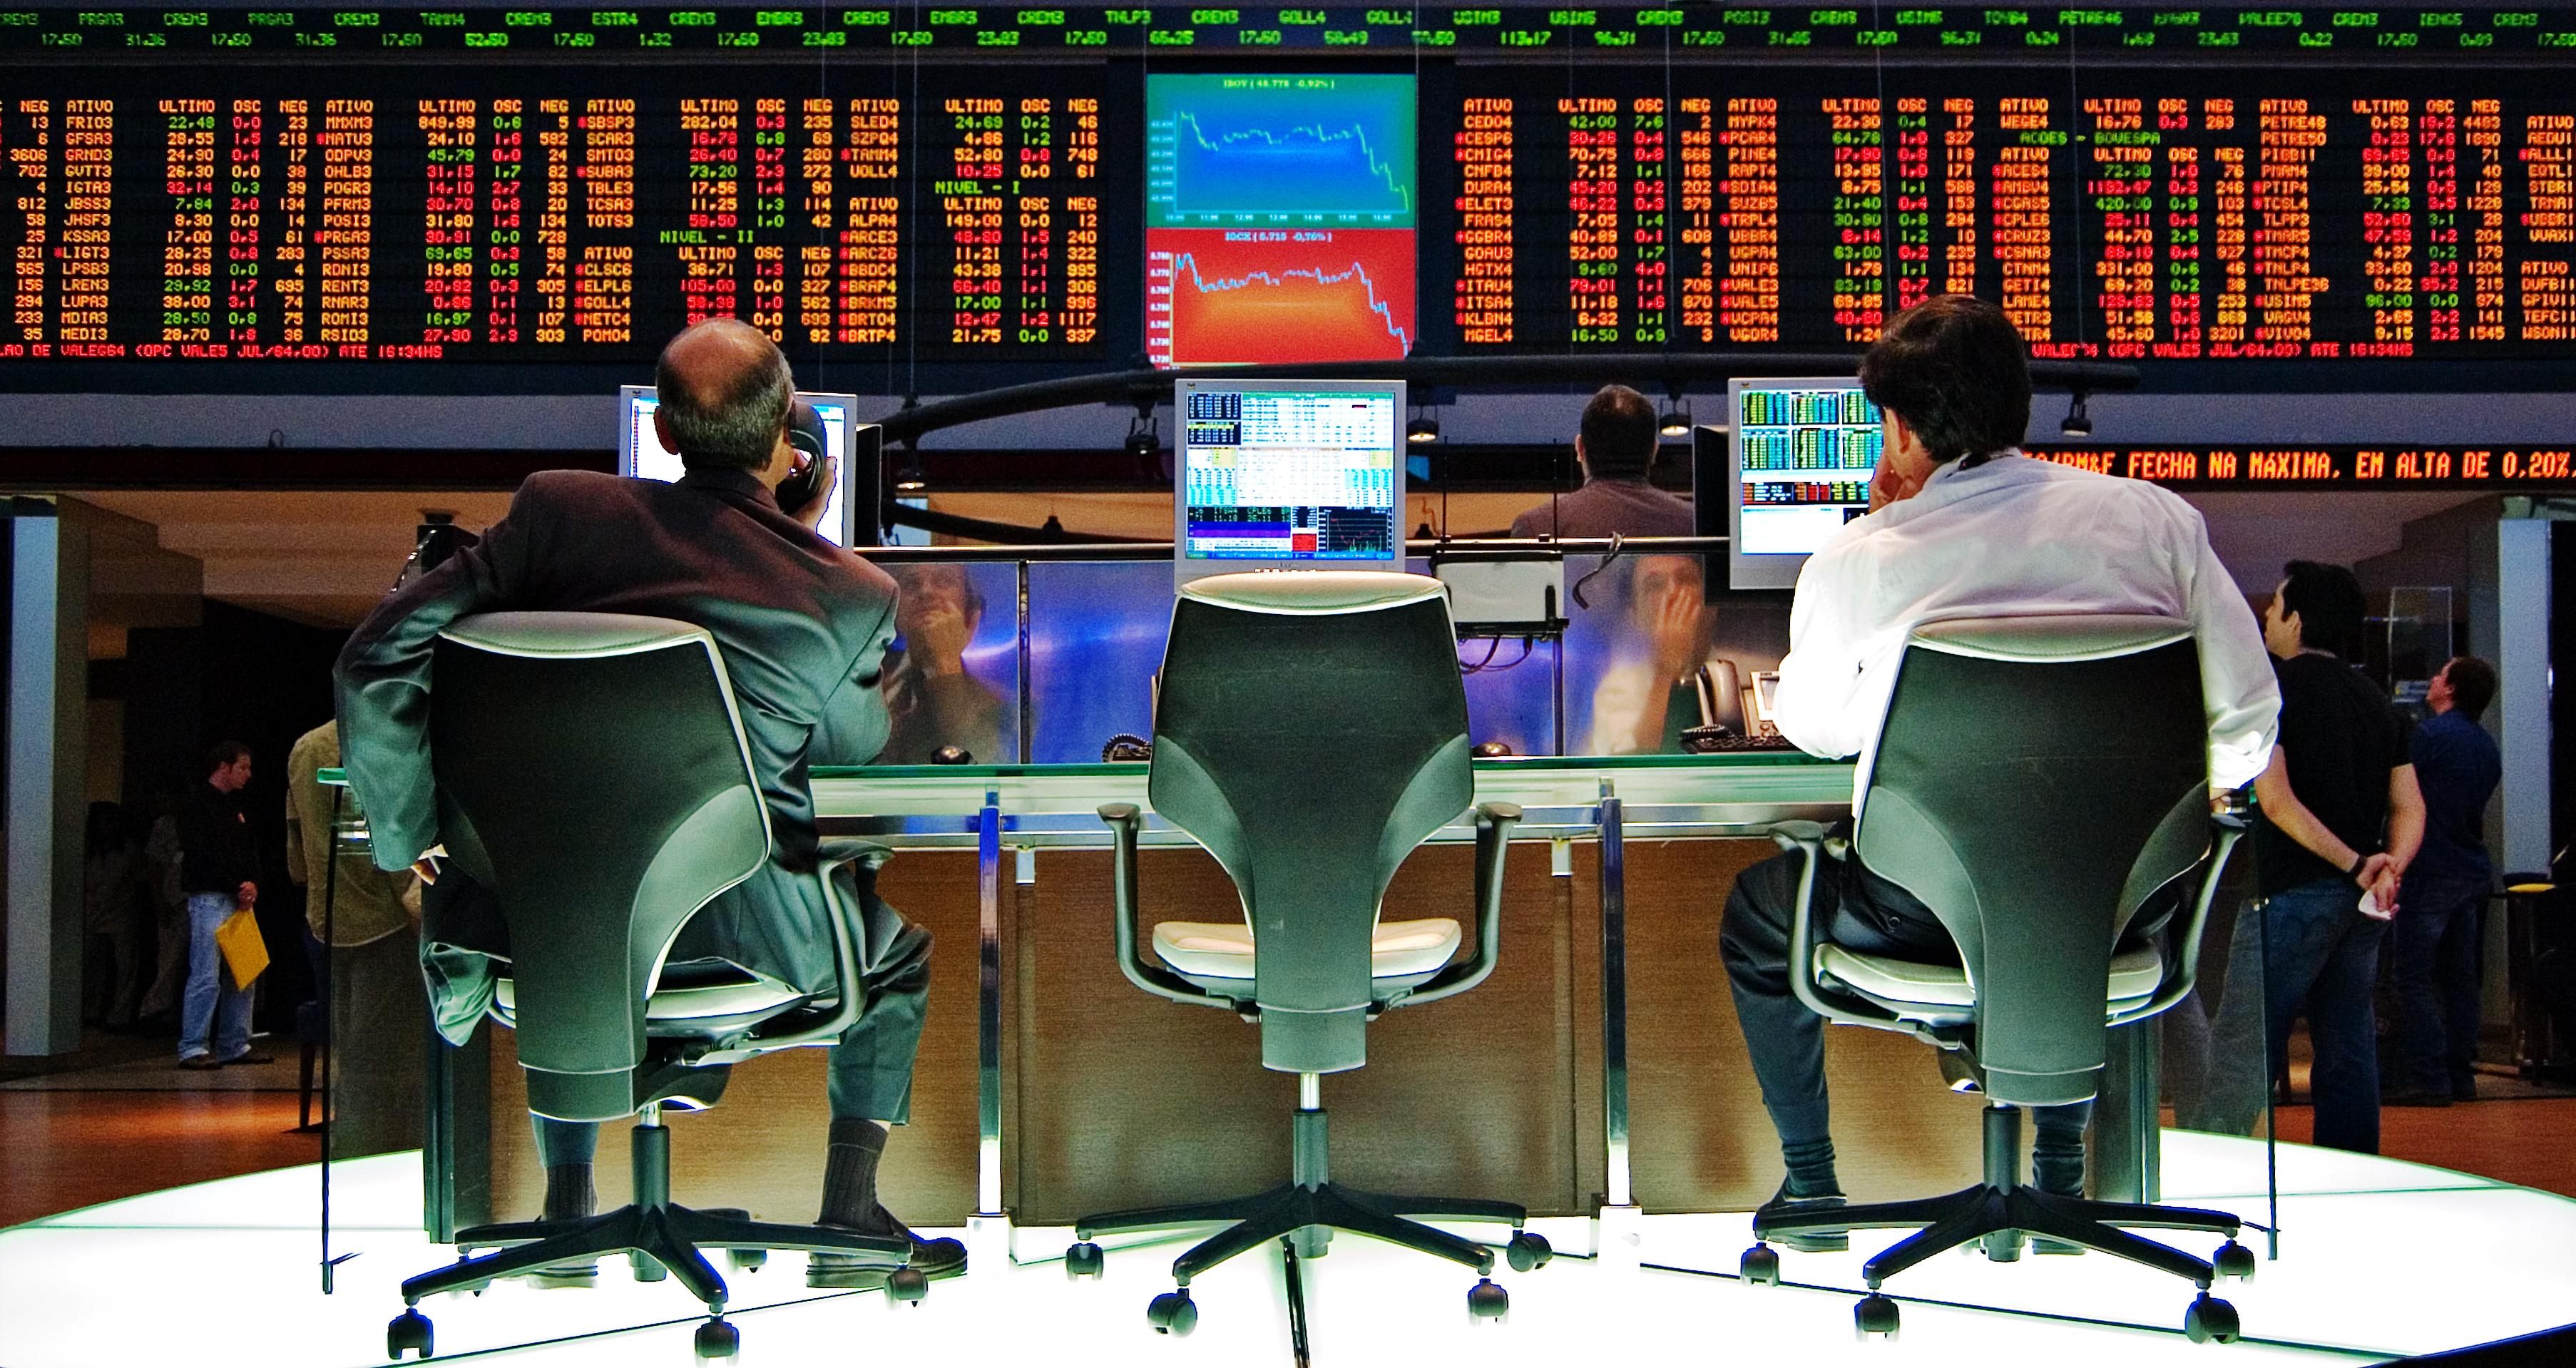 Krach gospodarczy! Ponad 2200 firm ucieka z kraju